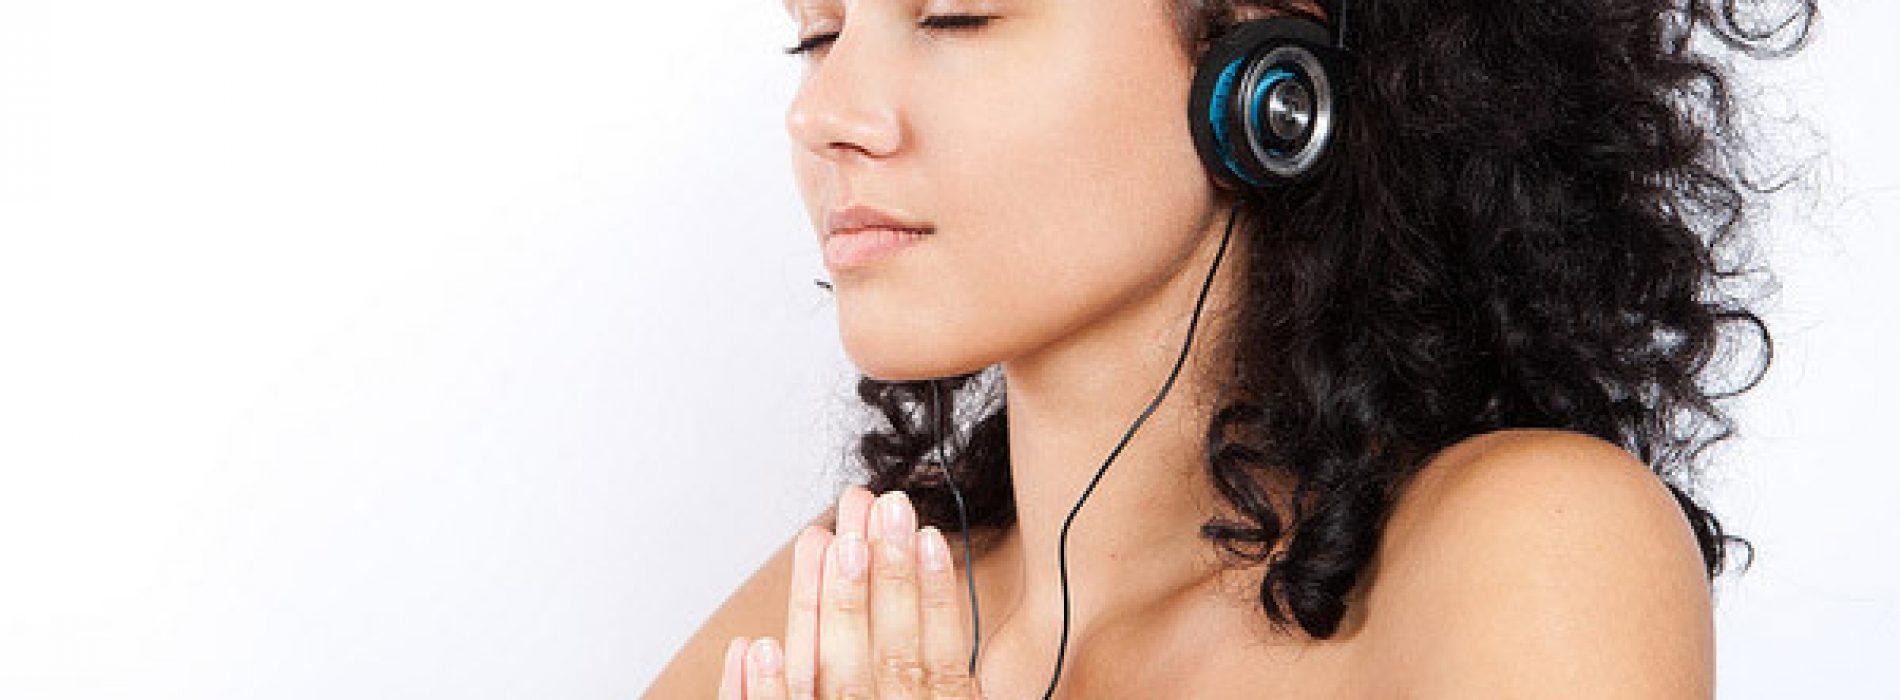 Meditatie: Een paar dingen die je niet verteld word!